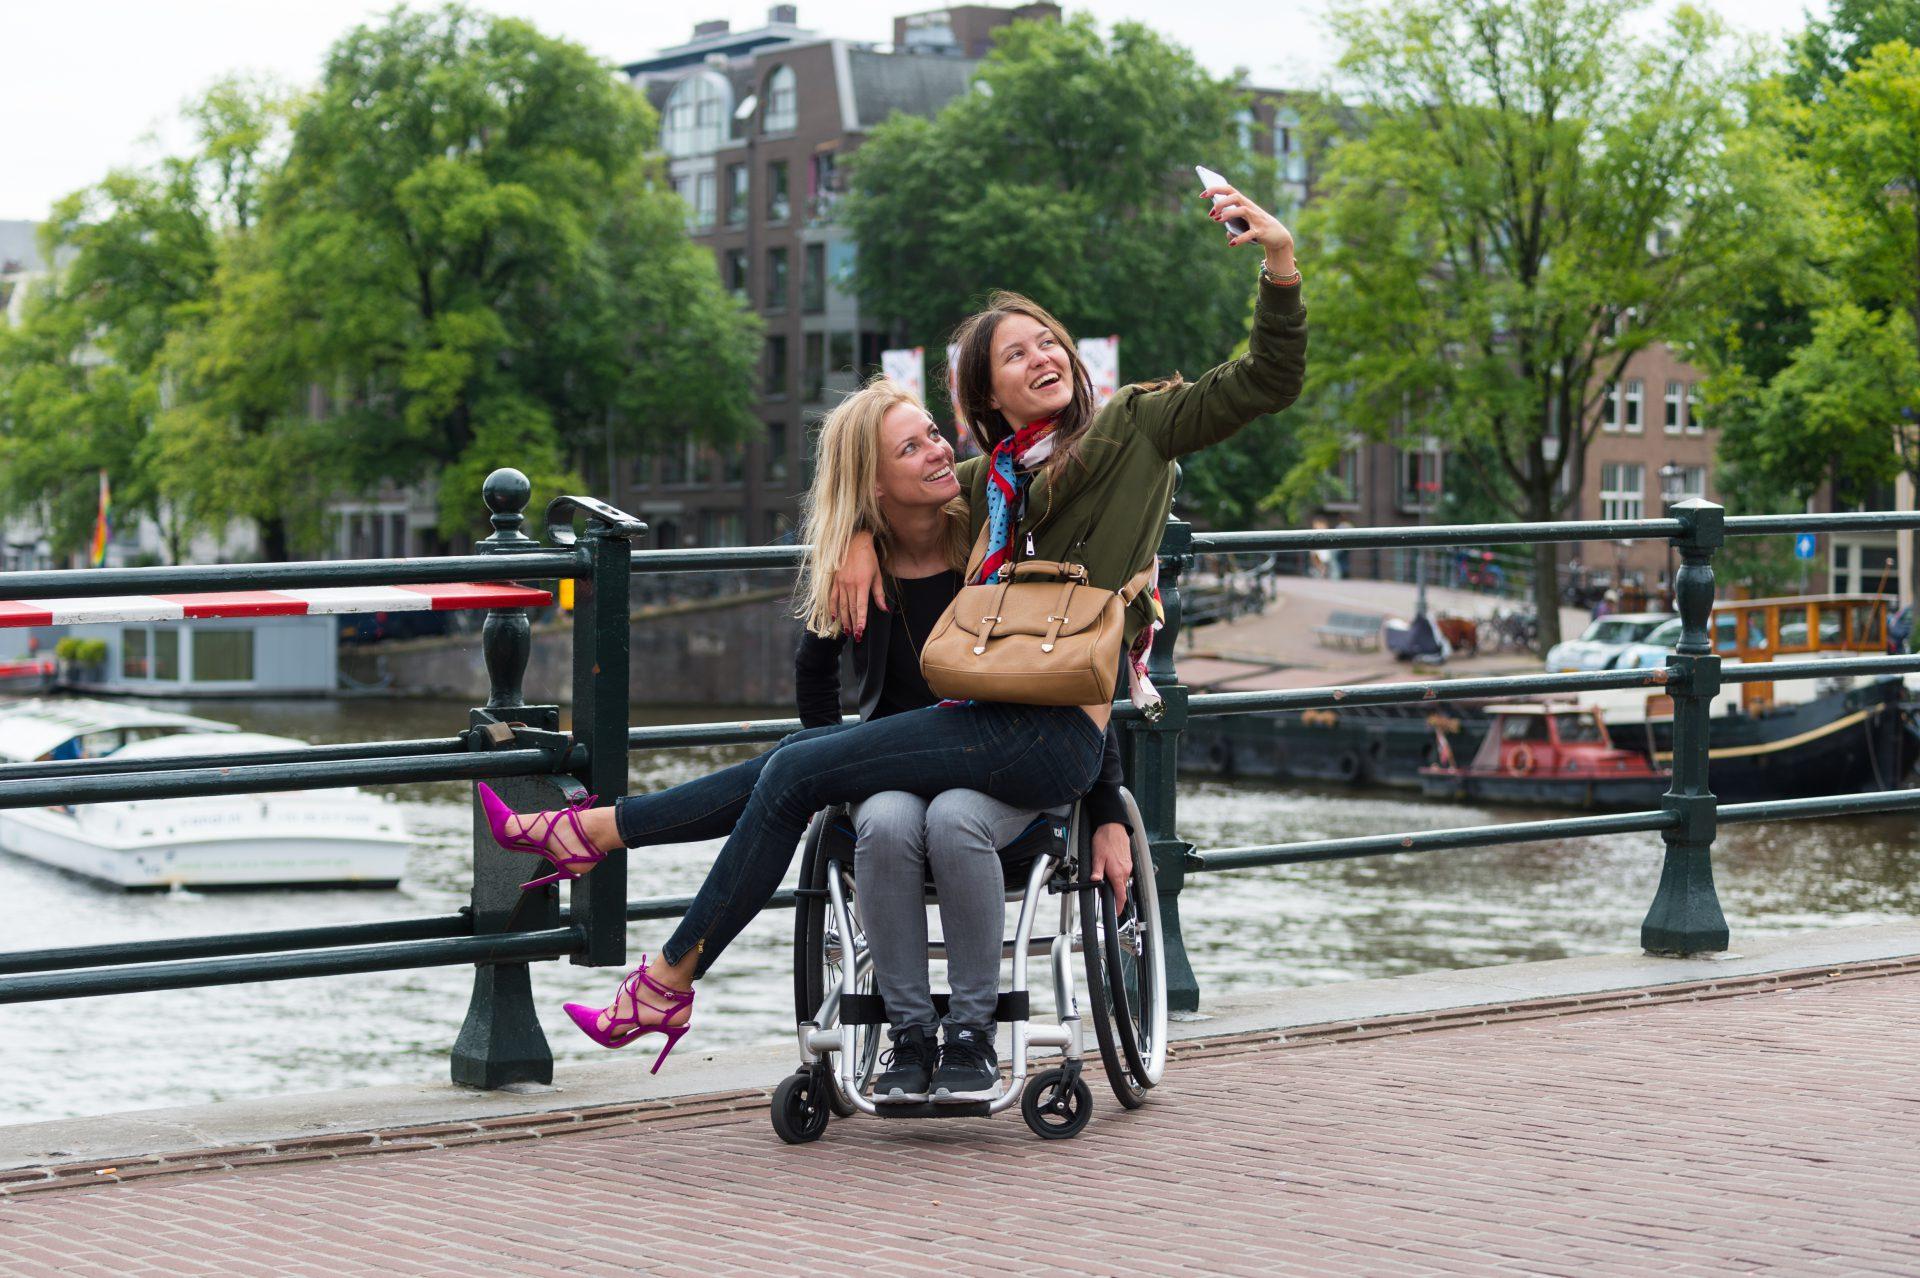 Vicair Rolstoelkussens Amsterdam Optimale huidbescherming